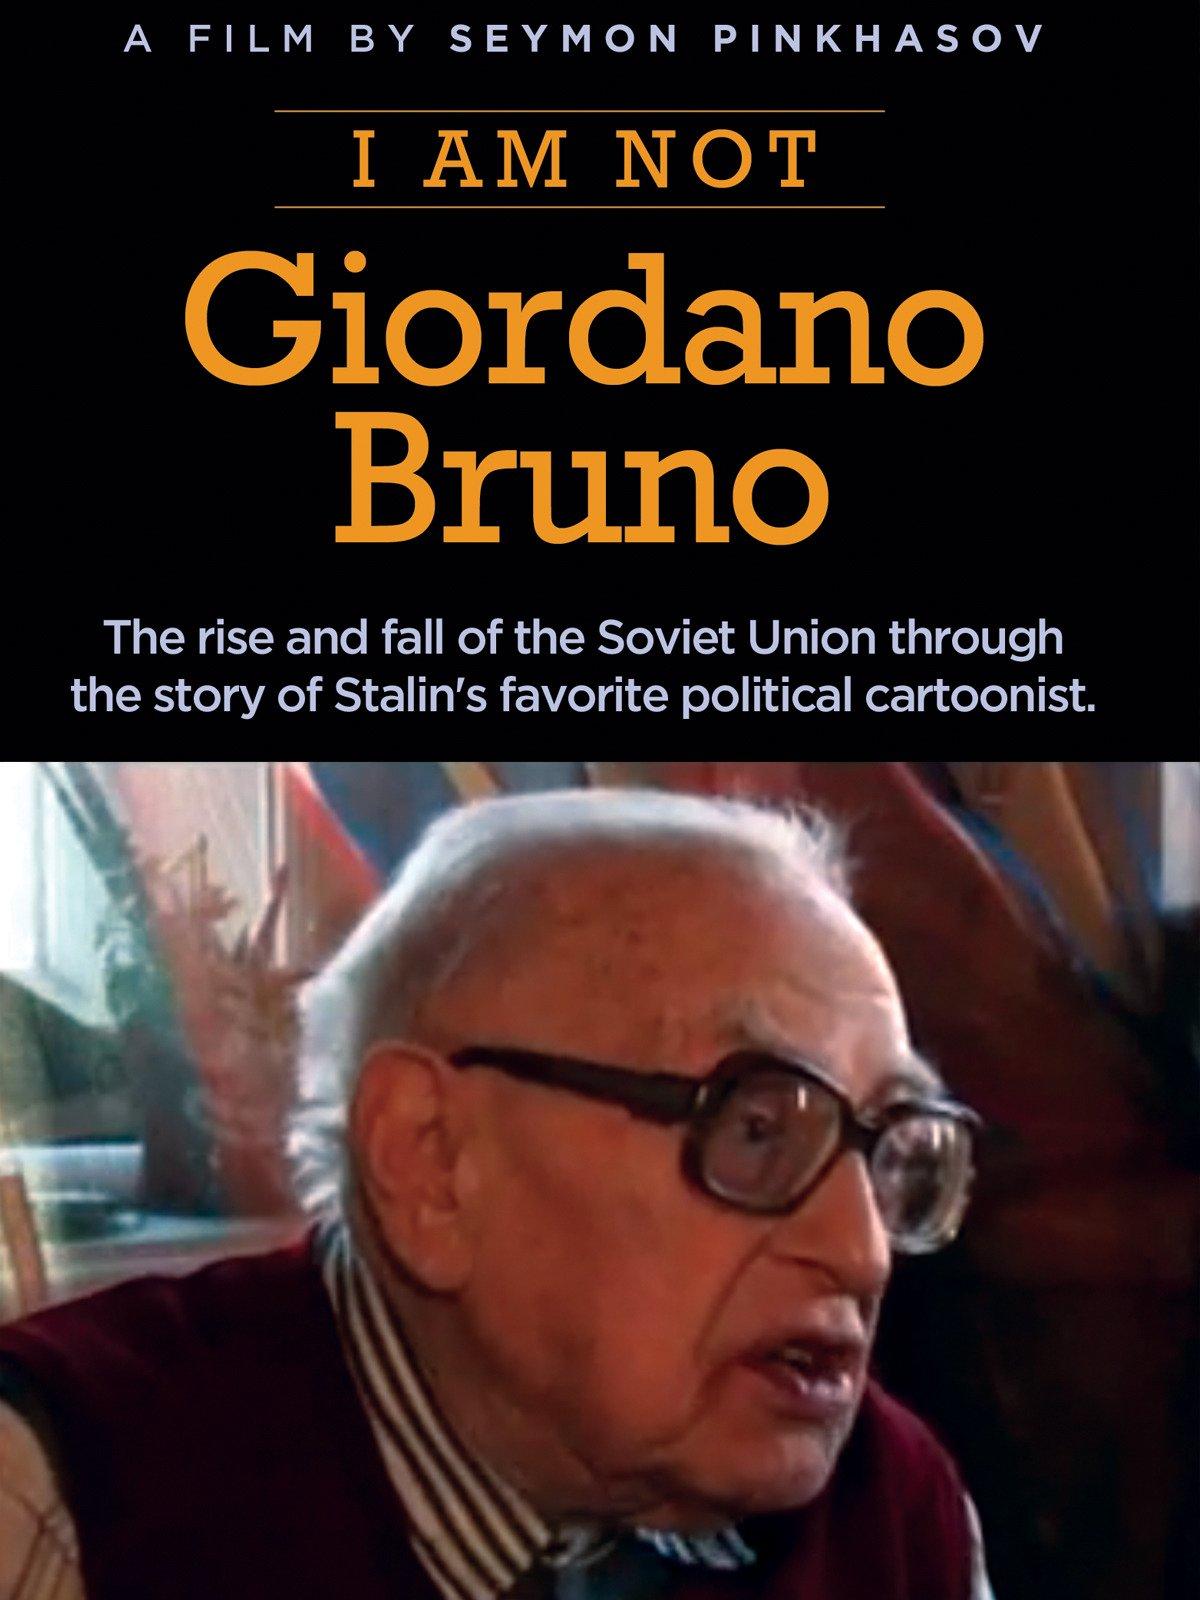 I Am Not Giordano Bruno on Amazon Prime Video UK